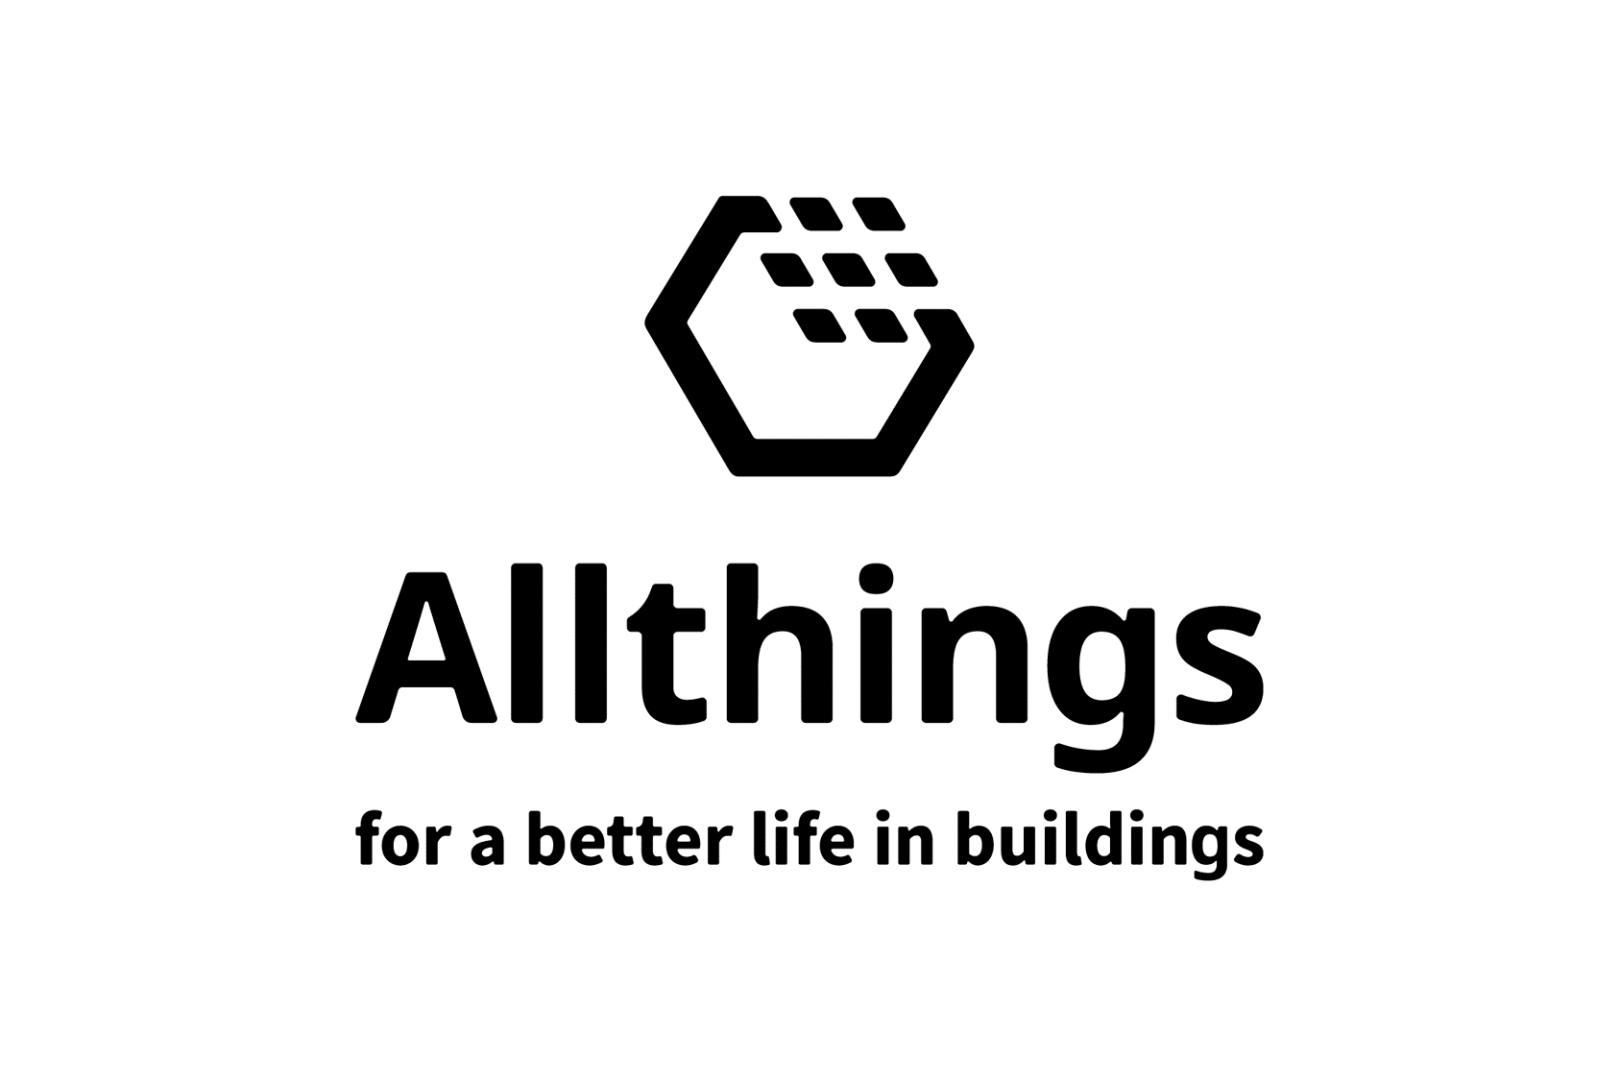 https://cdn2.hubspot.net/hubfs/6100123/400.png